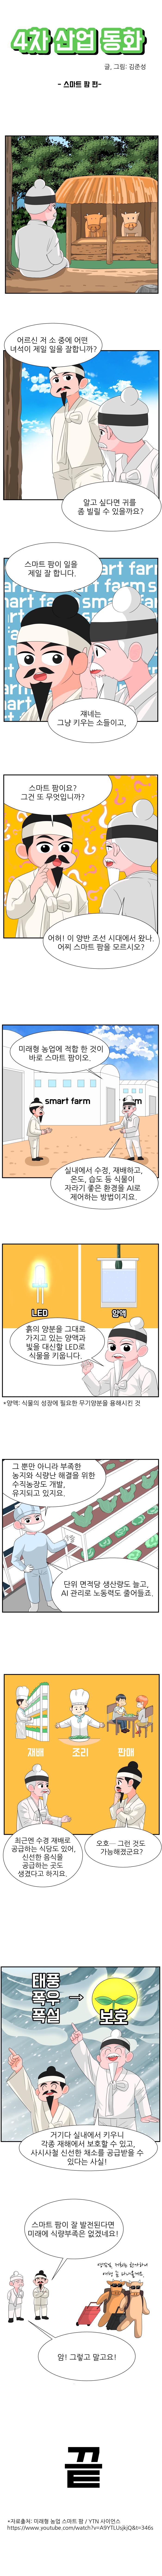 4차 산업 동화-웹툰-김준성-20190515